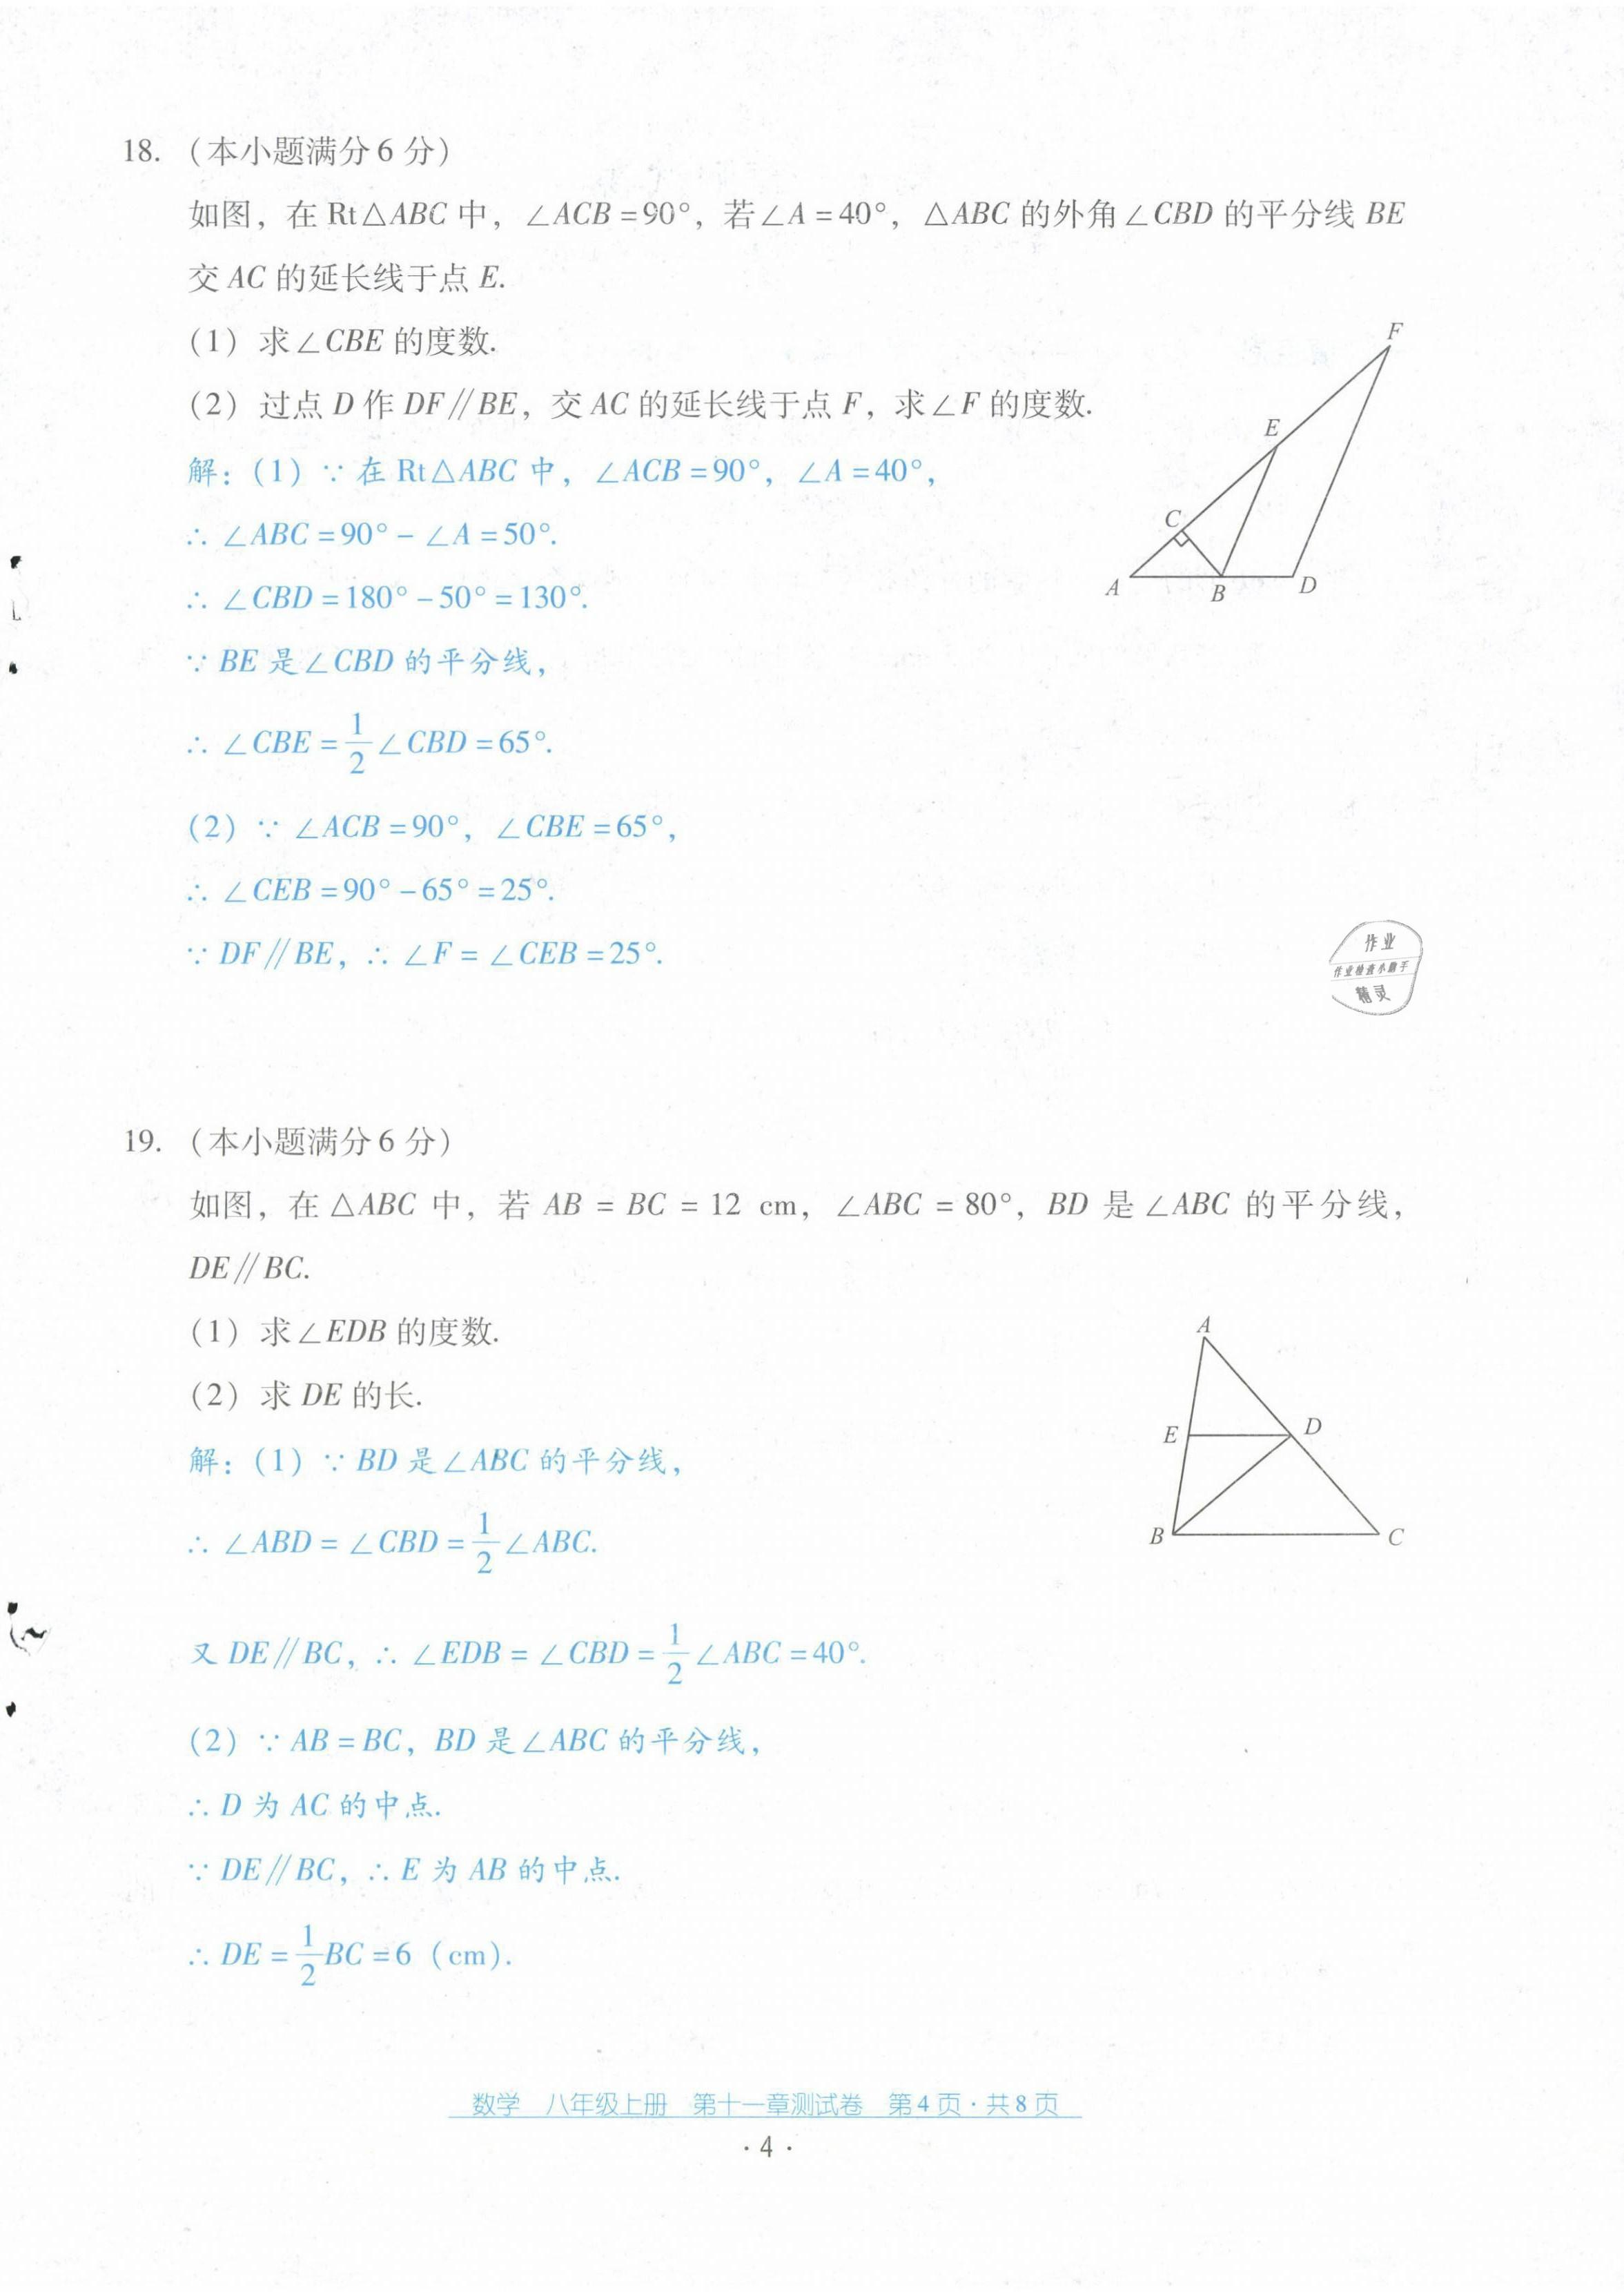 2021年云南省标准教辅优佳学案配套测试卷八年级数学上册人教版第4页